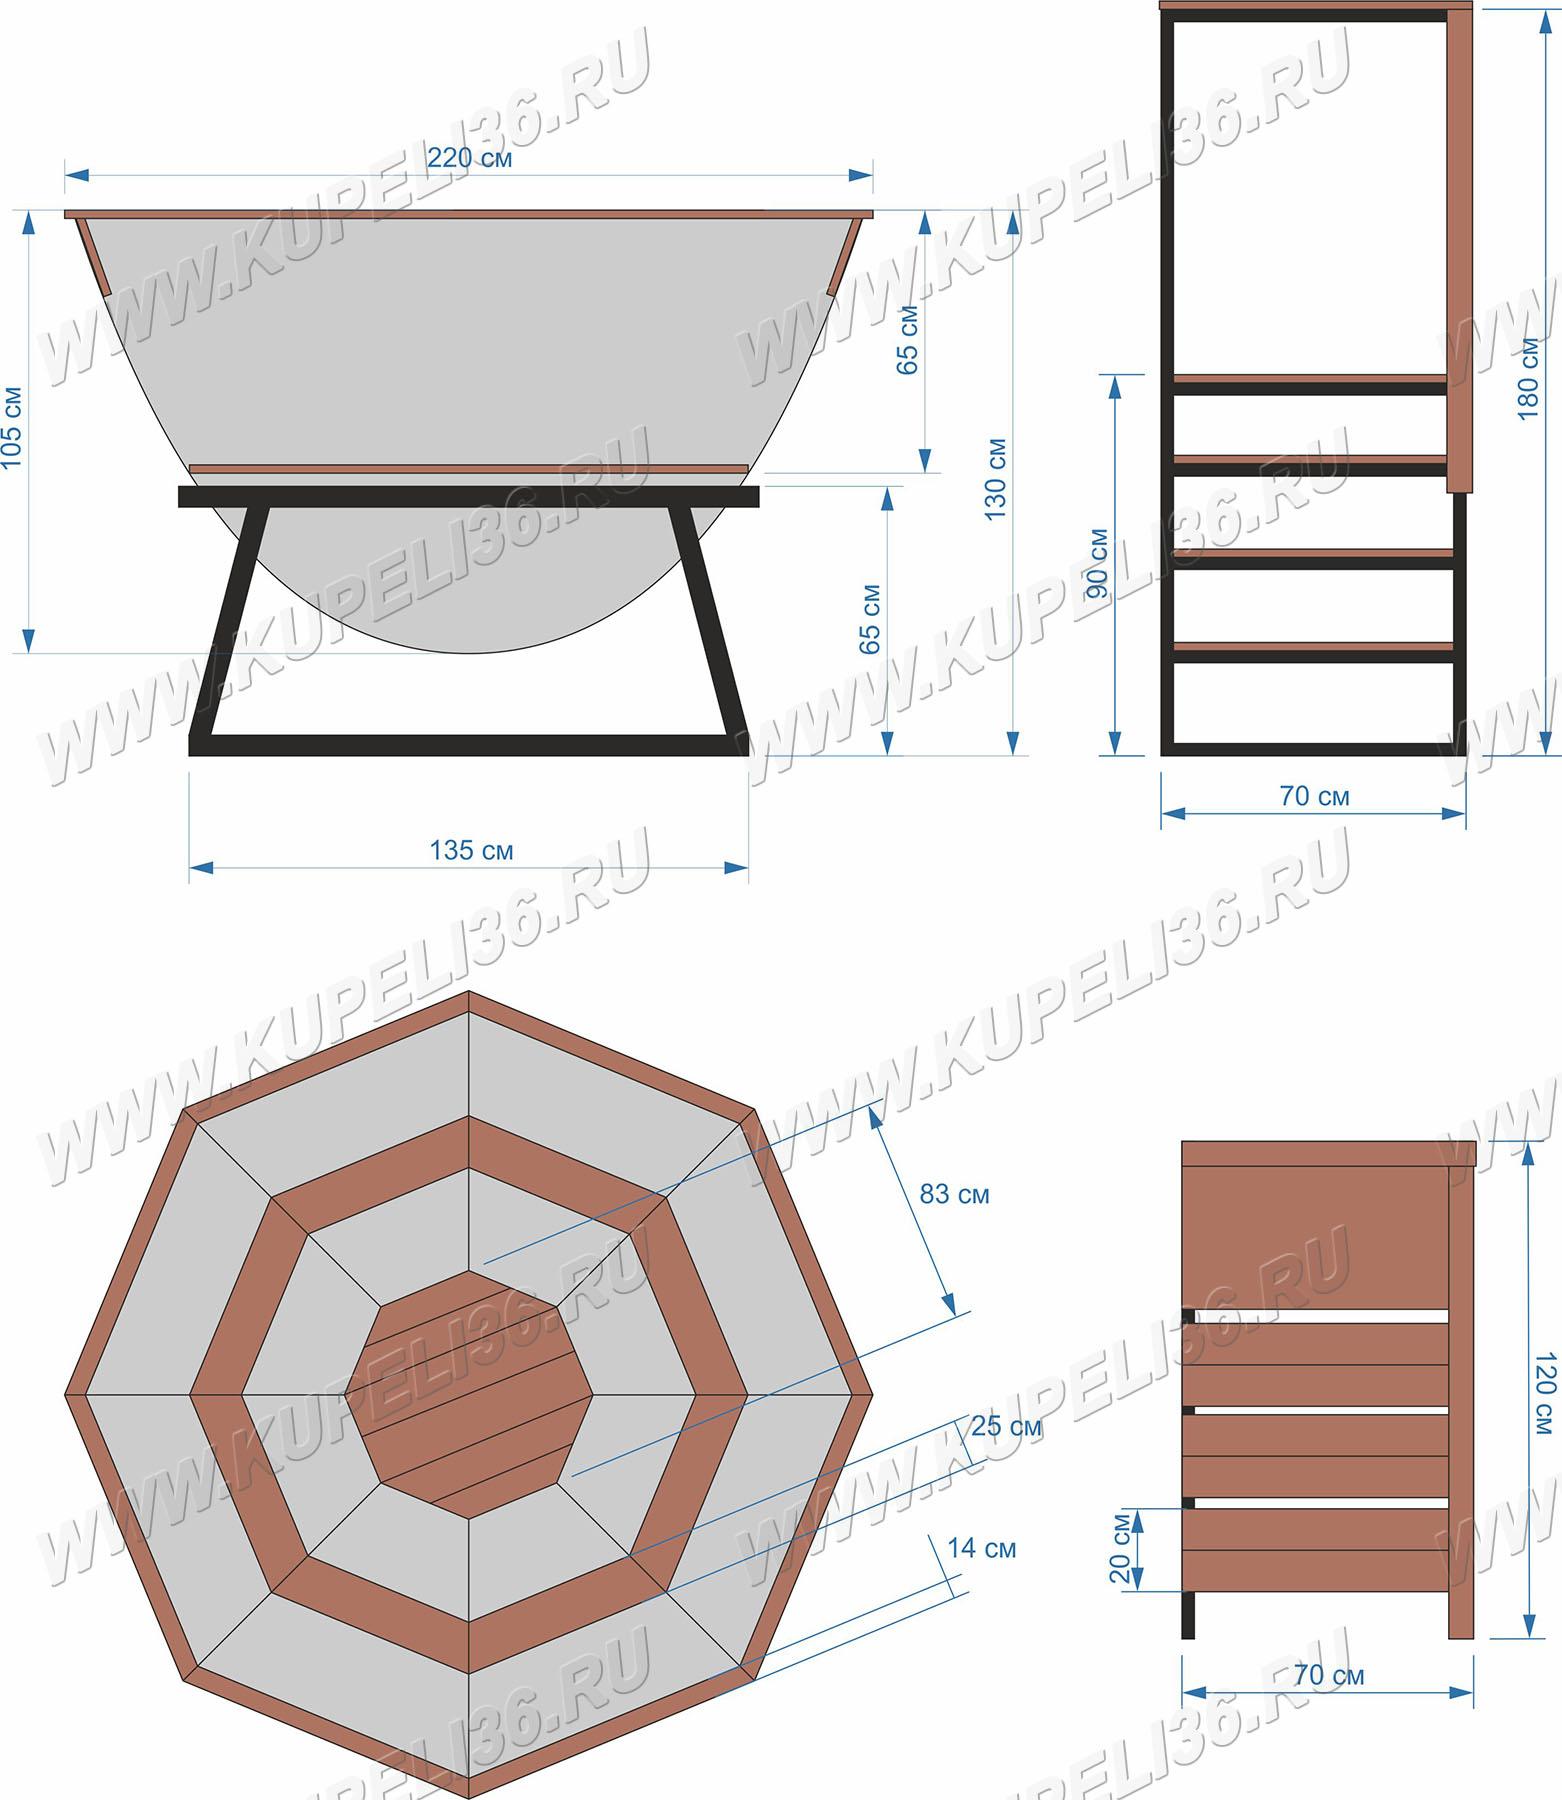 Банный чан 220х105 см - схема с размерами